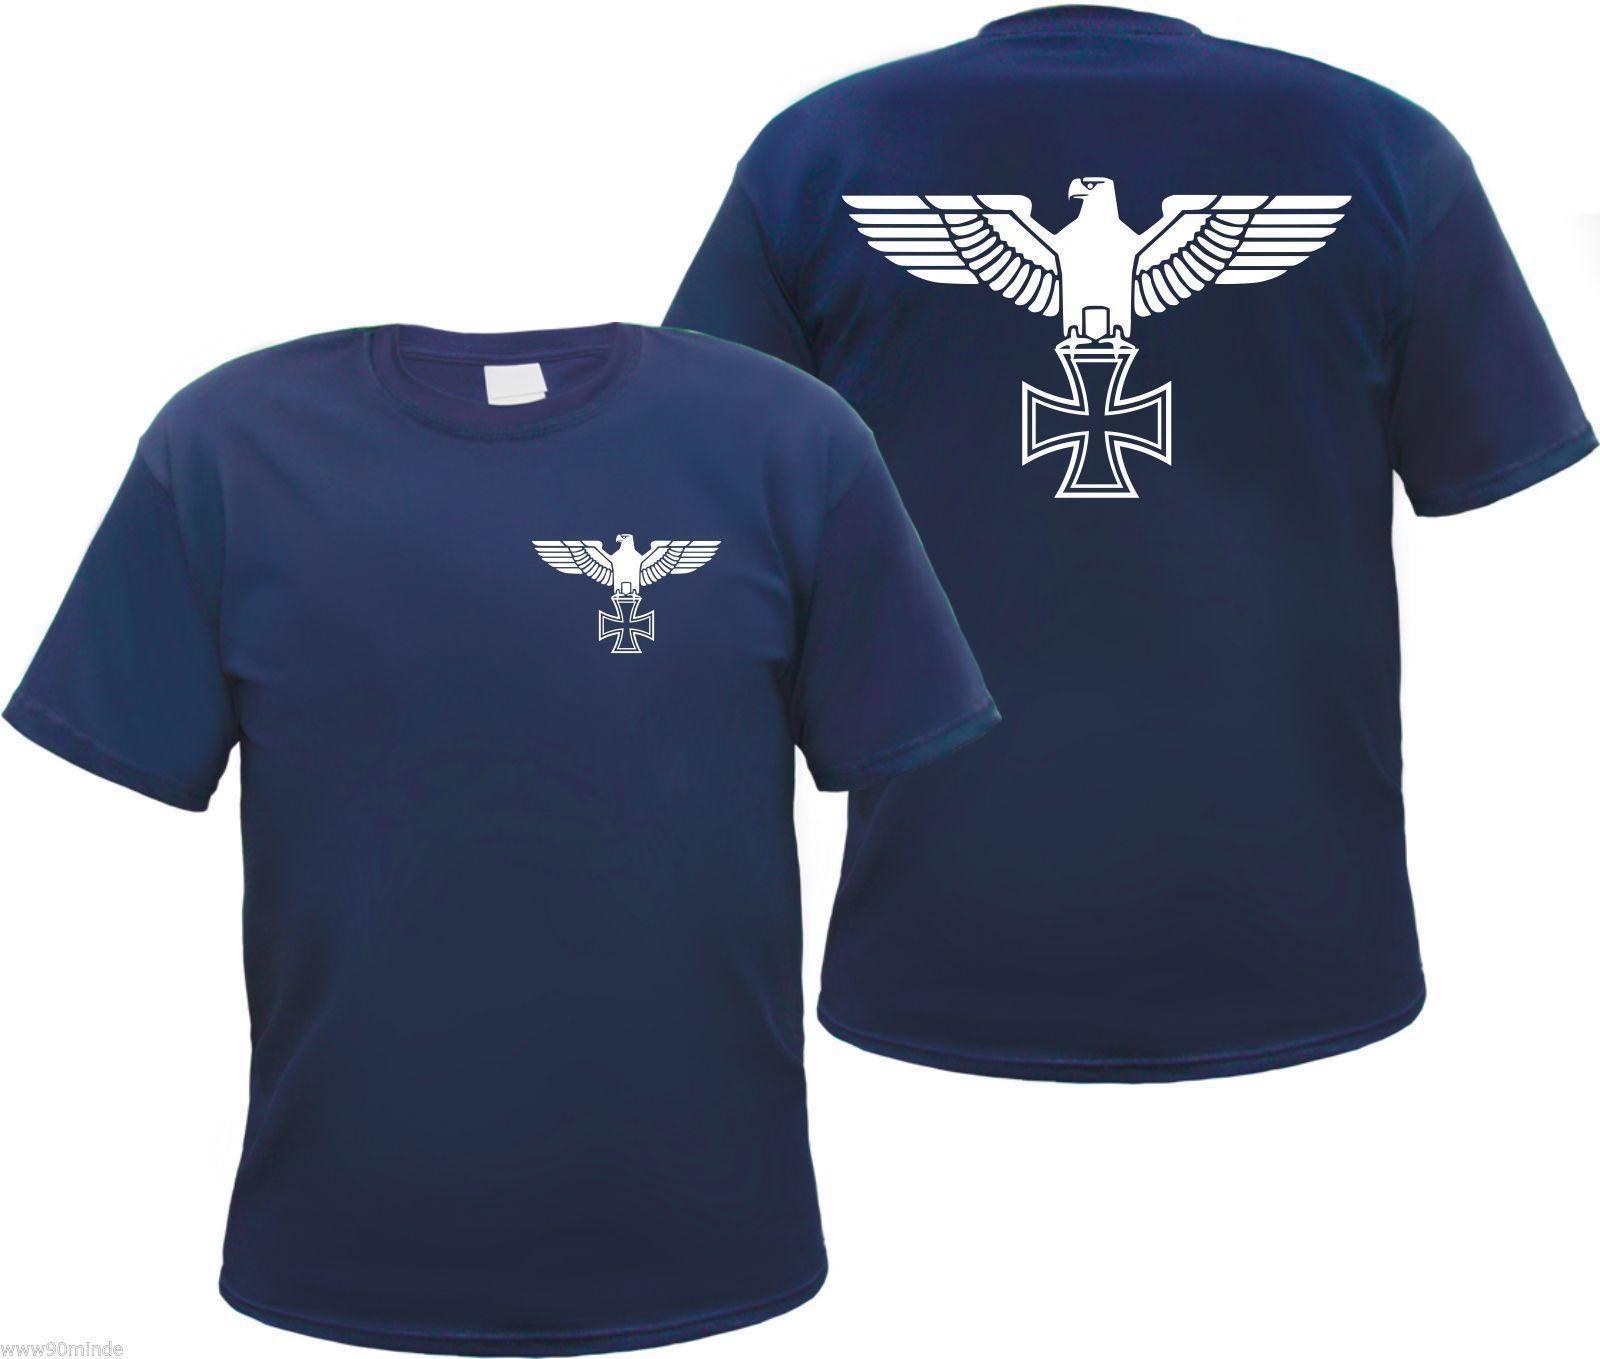 94437cfd5bfa Acquista Maglietta Da Uomo Imperial Eagle Iron Cross Navy S A 3xl Davanti    Dietro Custom Made T Shirt Top Di Buona Qualità A  24.2 Dal Eleanosstore ...